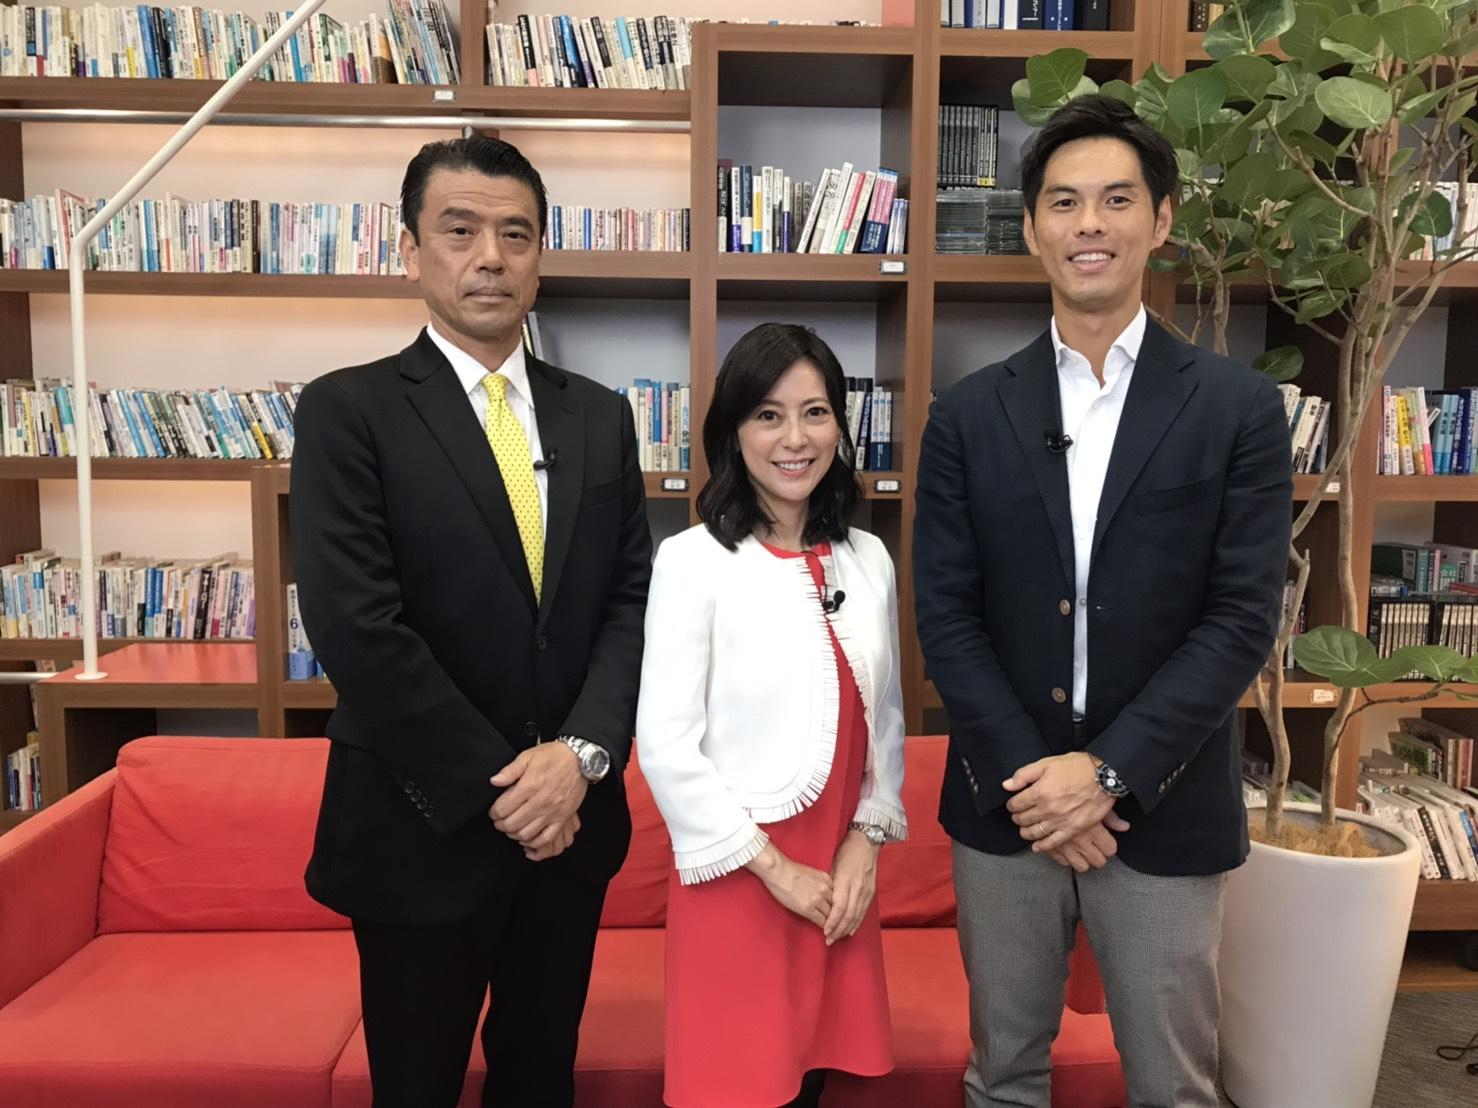 10月6日(日)放送 千葉テレビ「魚住りえのカイシャを伝えるテレビ」へ出演しました!